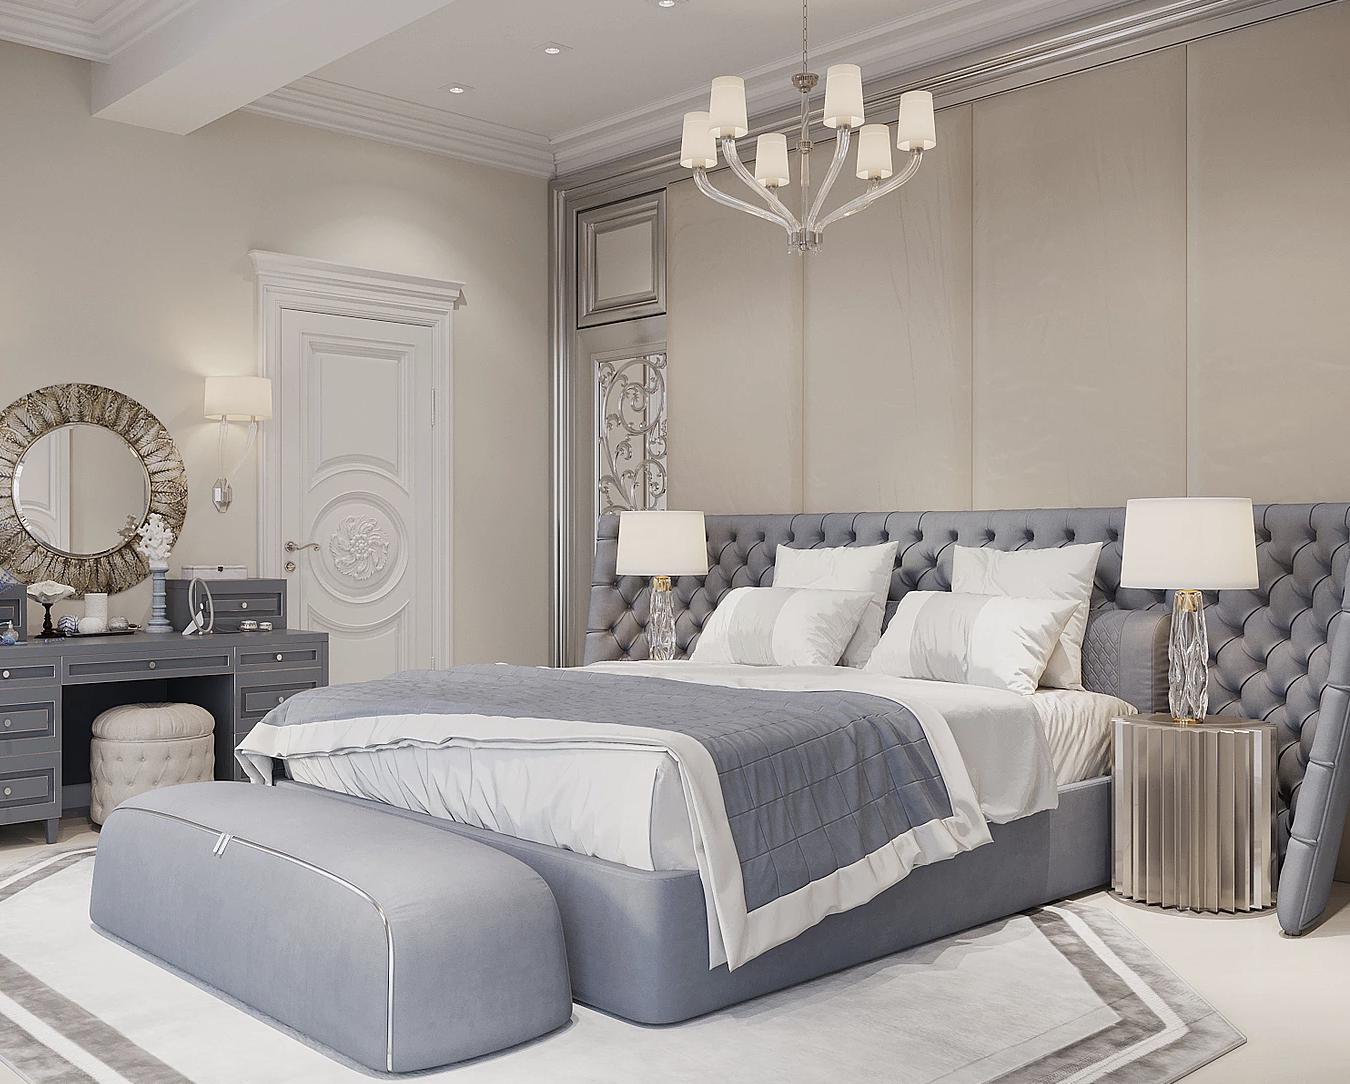 In Interior Studio Luxury Elegant And Beautiful Bedroom Best Top